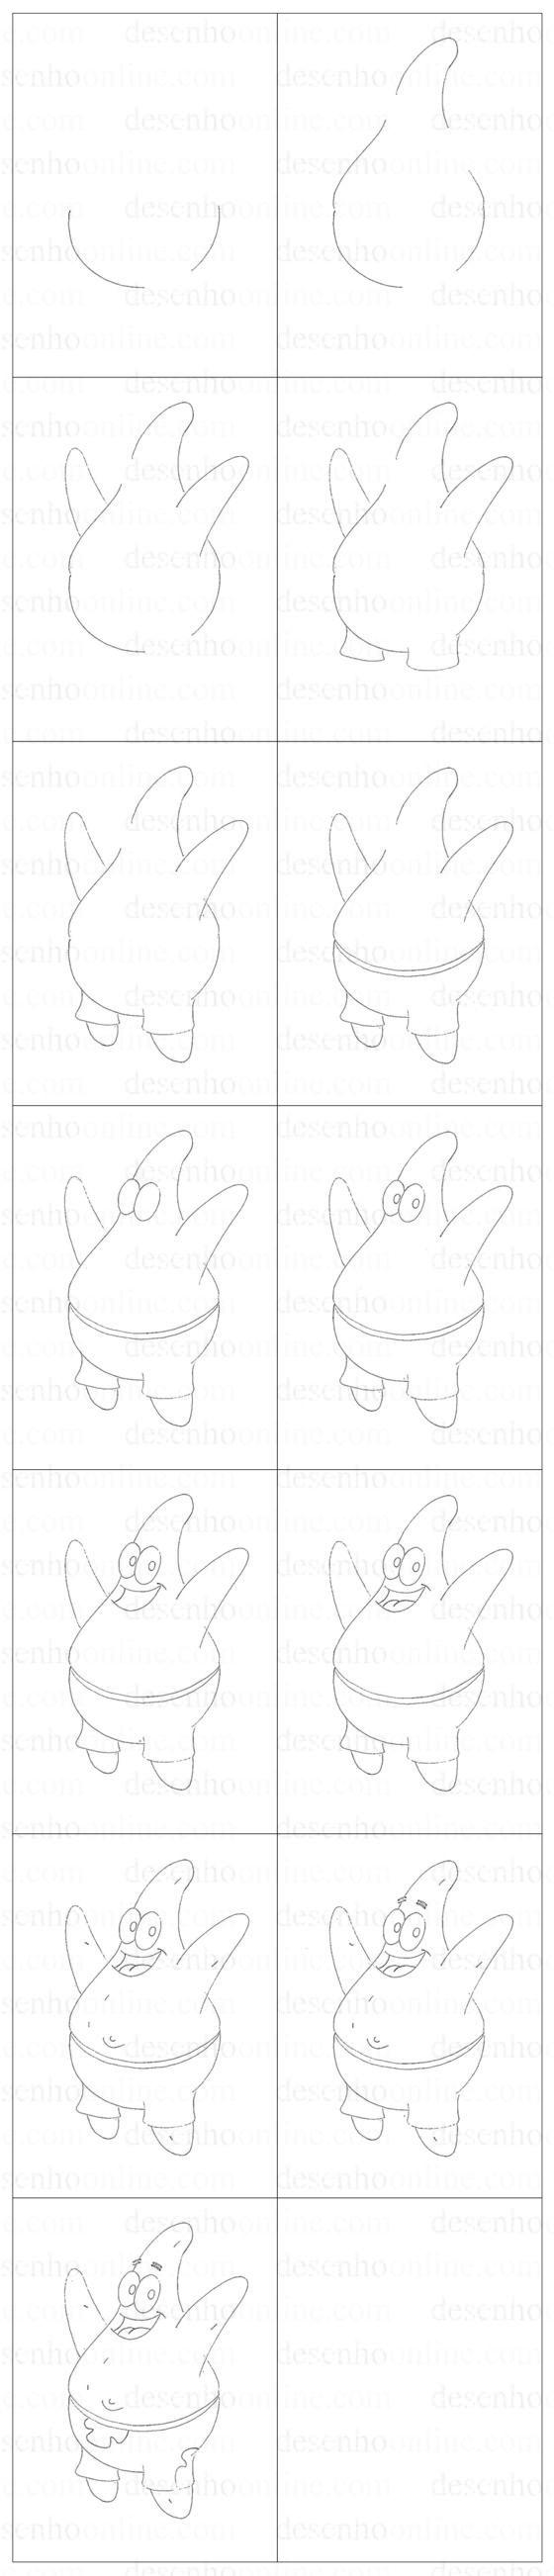 como desenhar o patrick passoa a passo desenhoonline.com